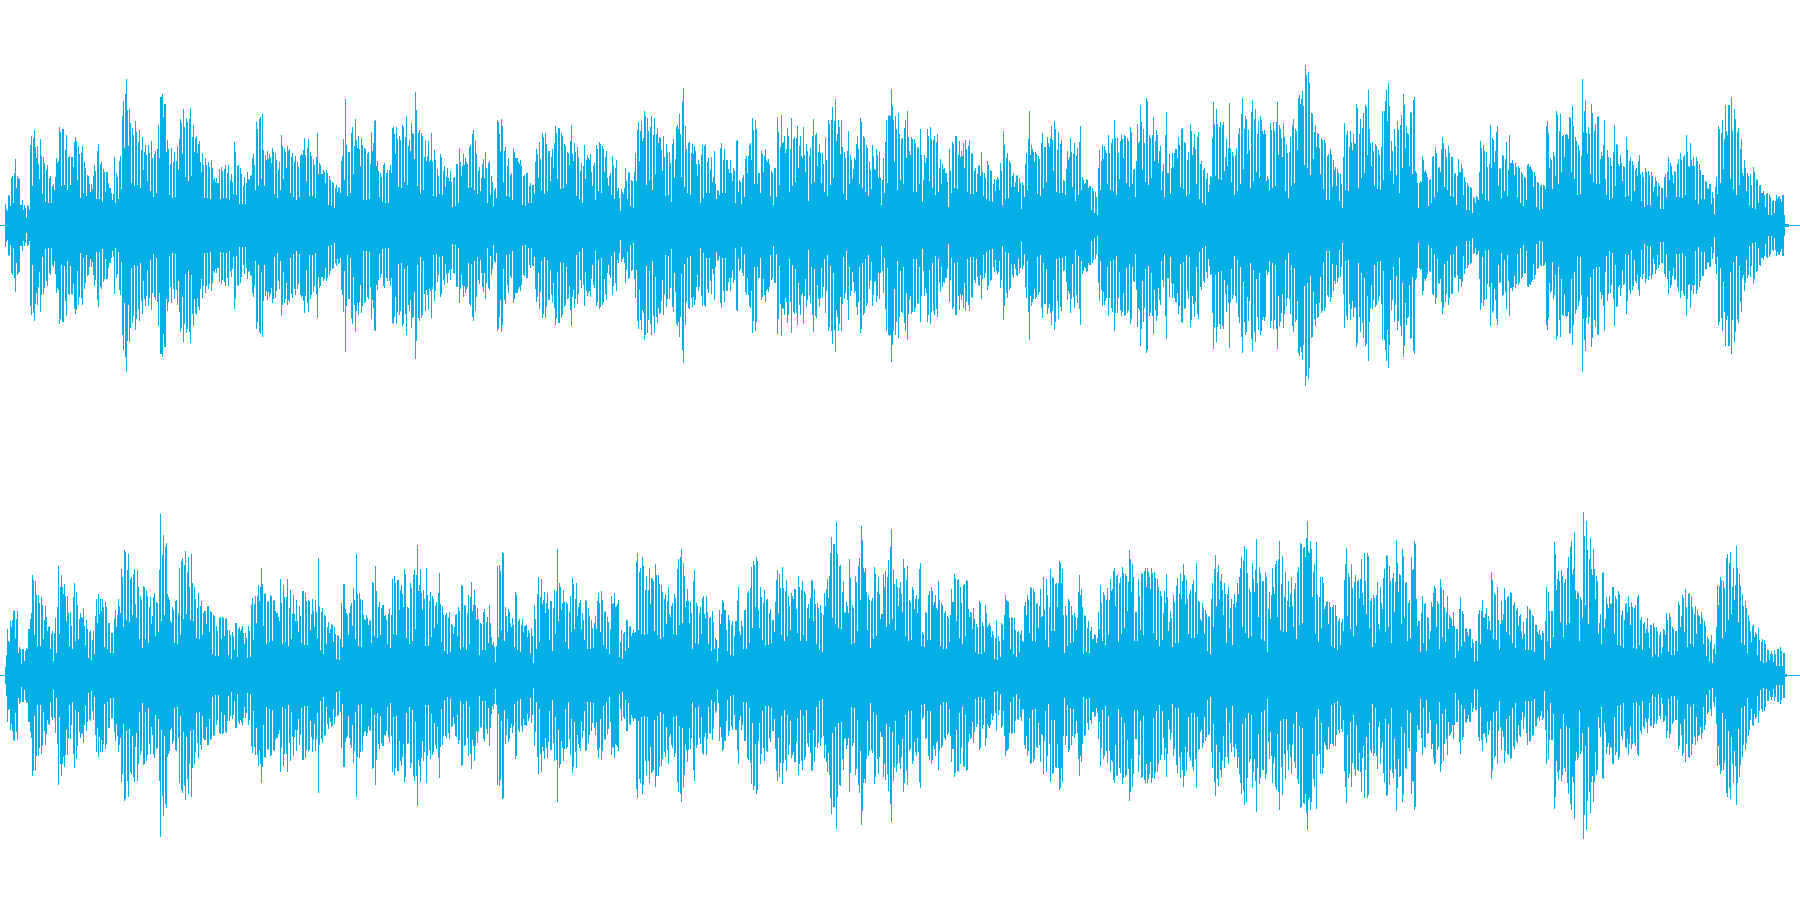 ローズピアノソロによる夜の雰囲気BGMの再生済みの波形